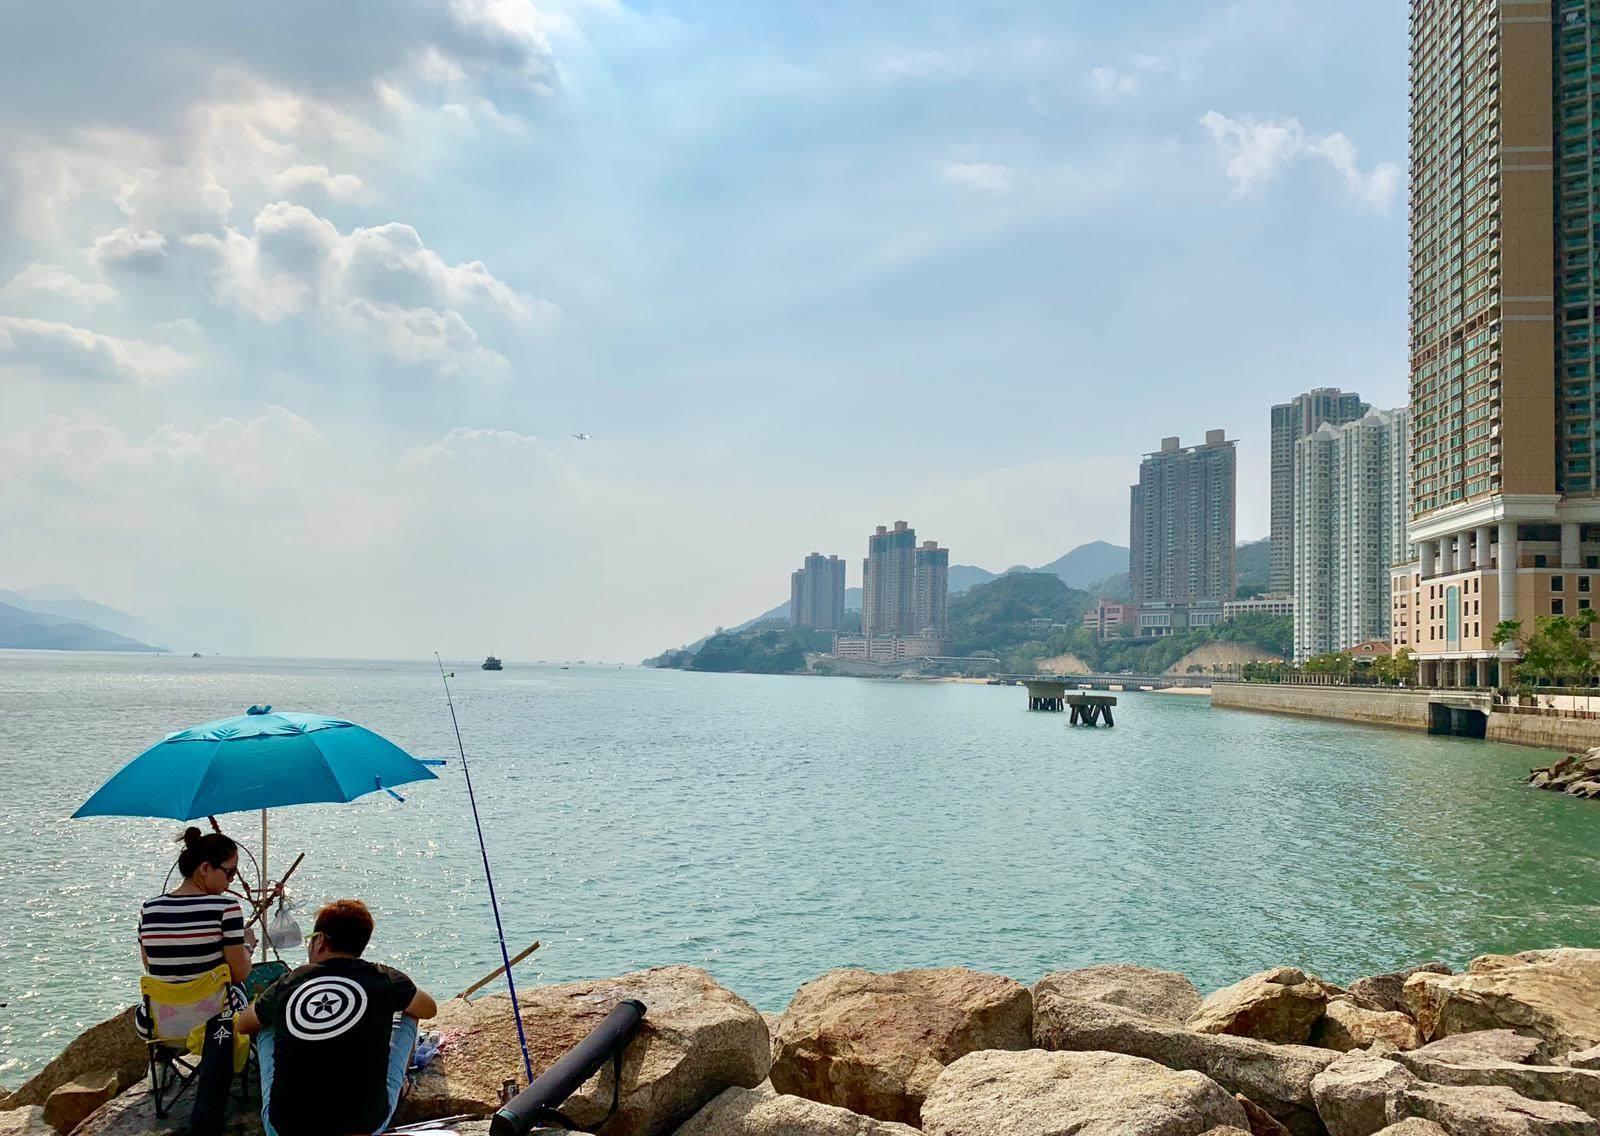 anglers under unbrella, sea, buildings on shoreline